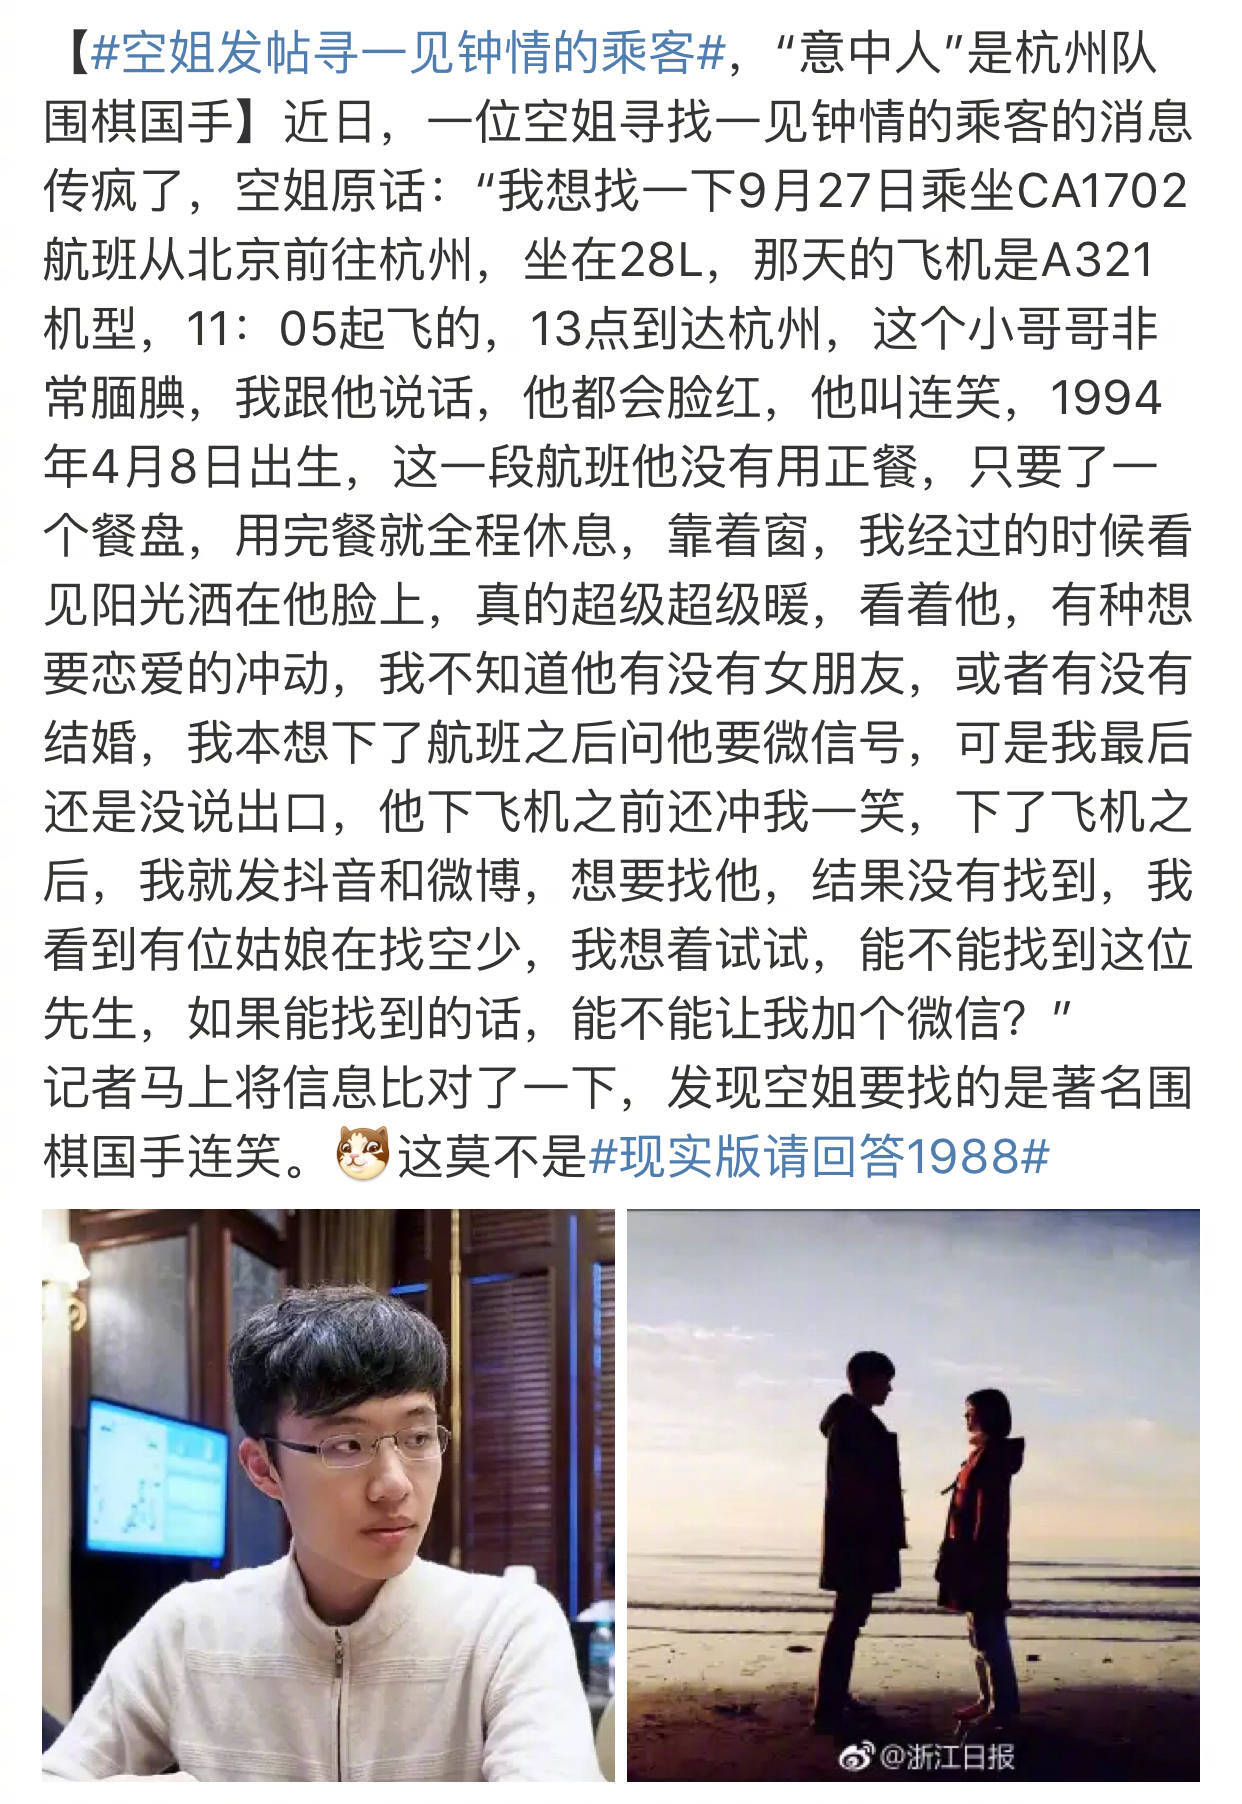 空姐一见钟情发文寻人,鲁庄公:我的故事了解一下?